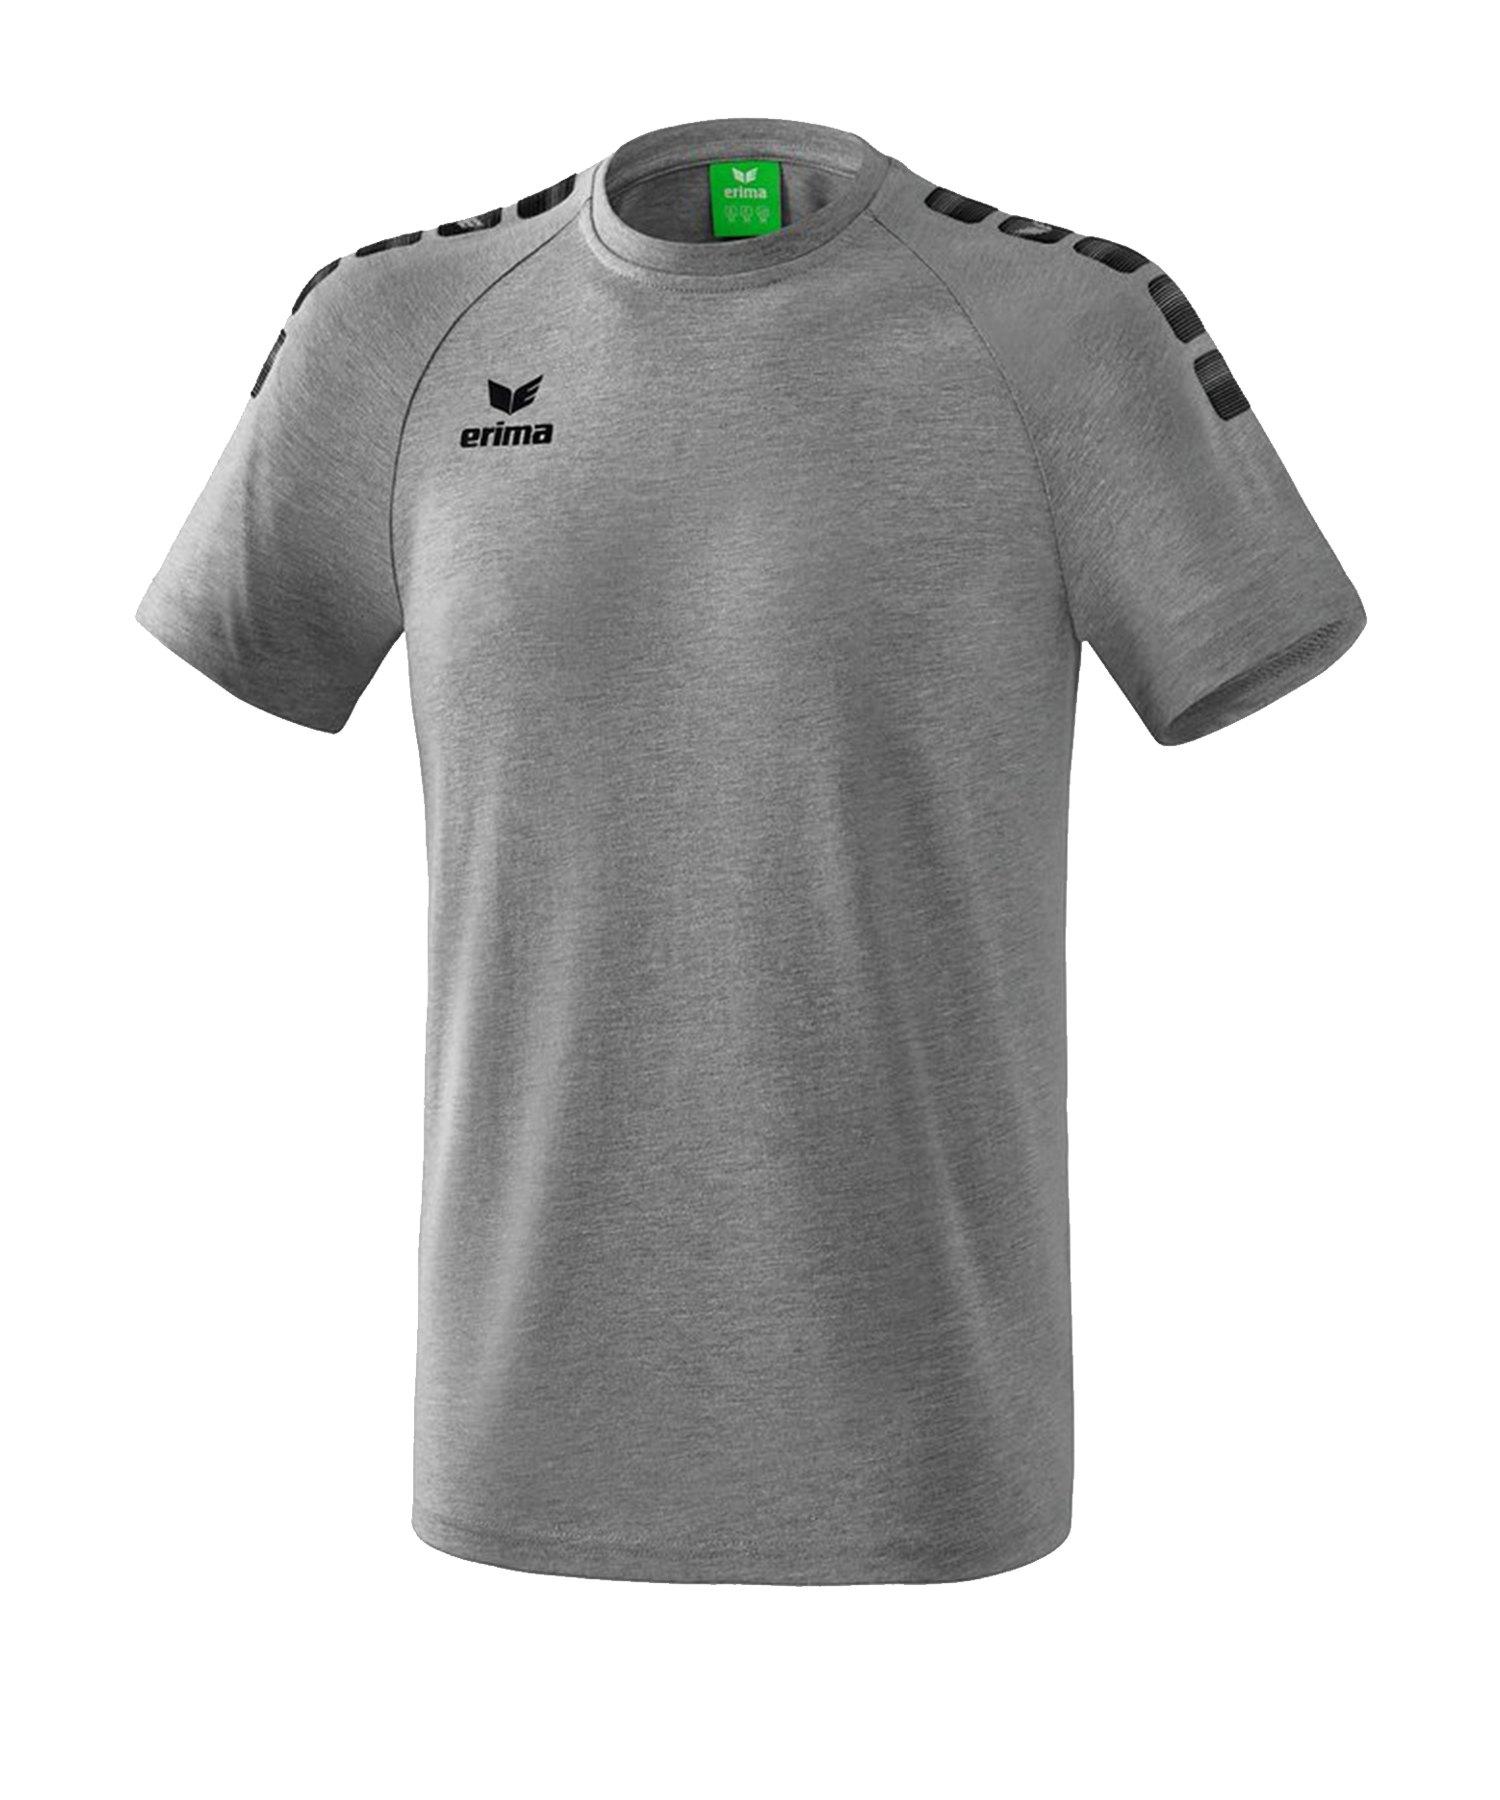 Erima Essential 5-C T-Shirt Grau Schwarz - Grau